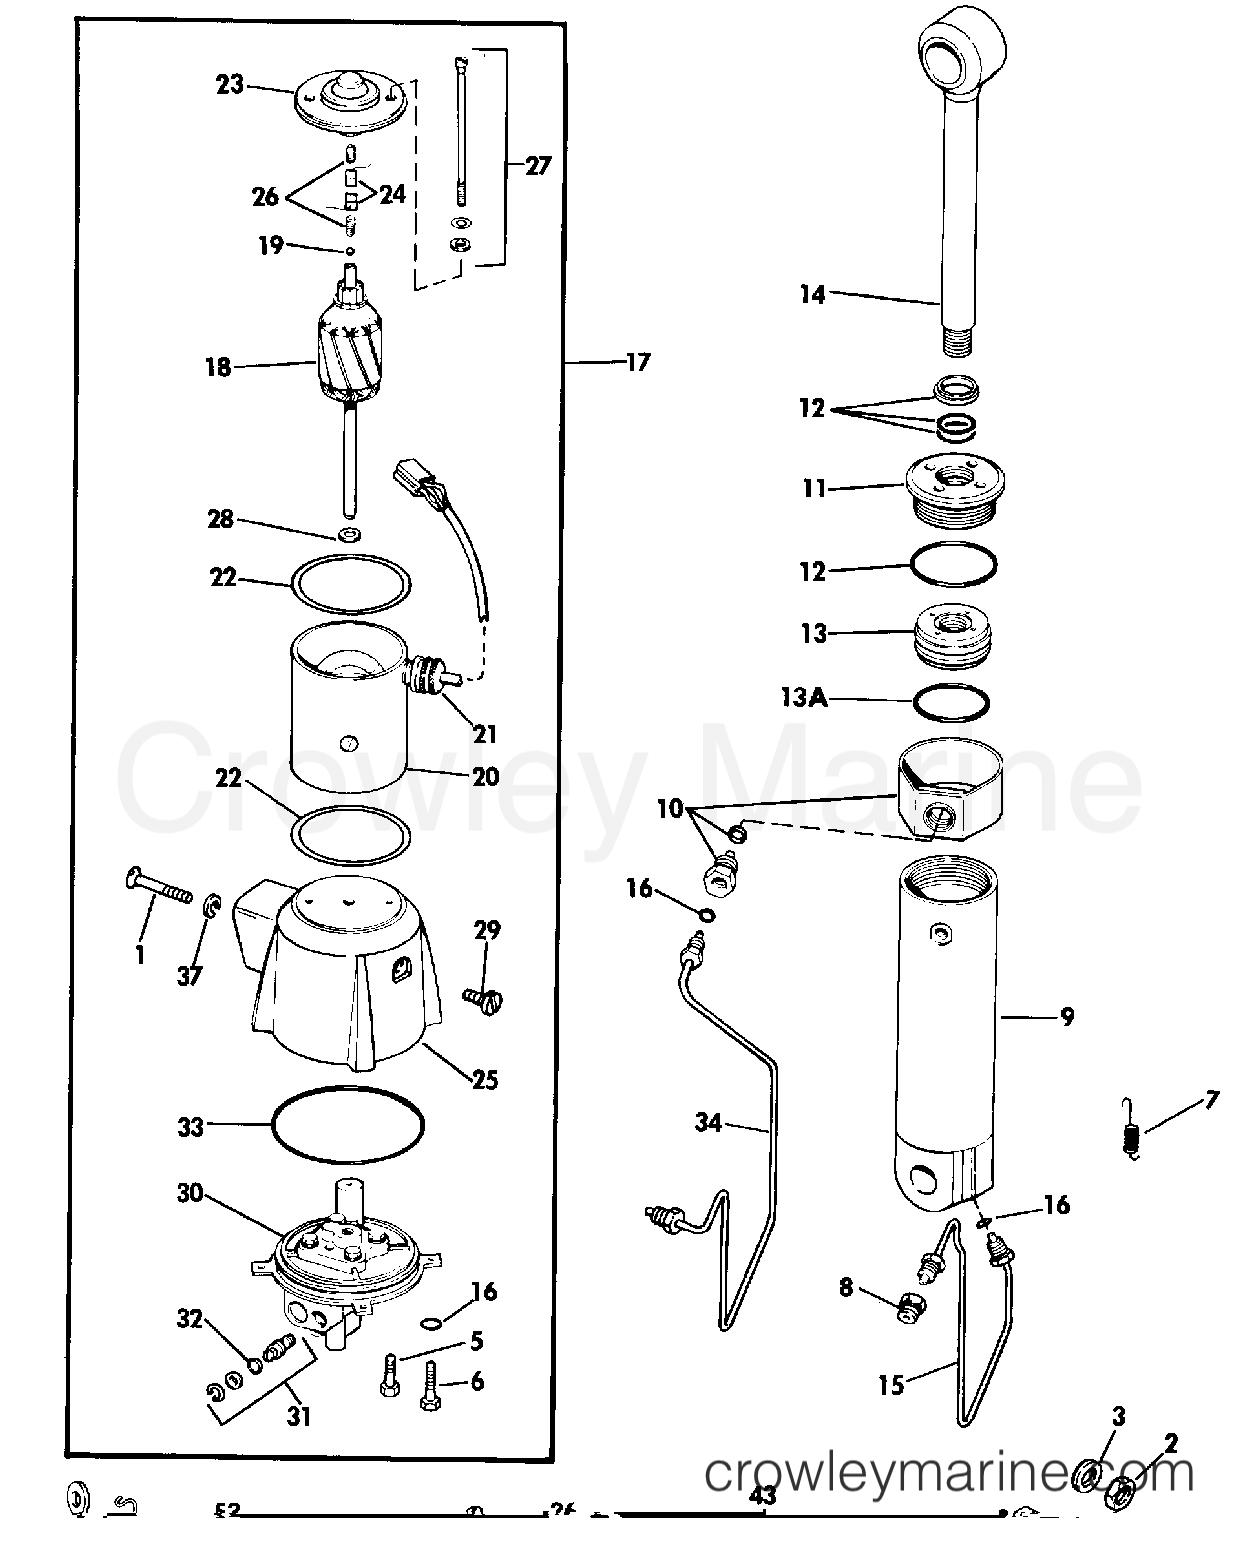 1984 Rigging Parts Accessories - Power Trim & Tilt - POWER TILT KIT ASSEMBLY 65 & 140